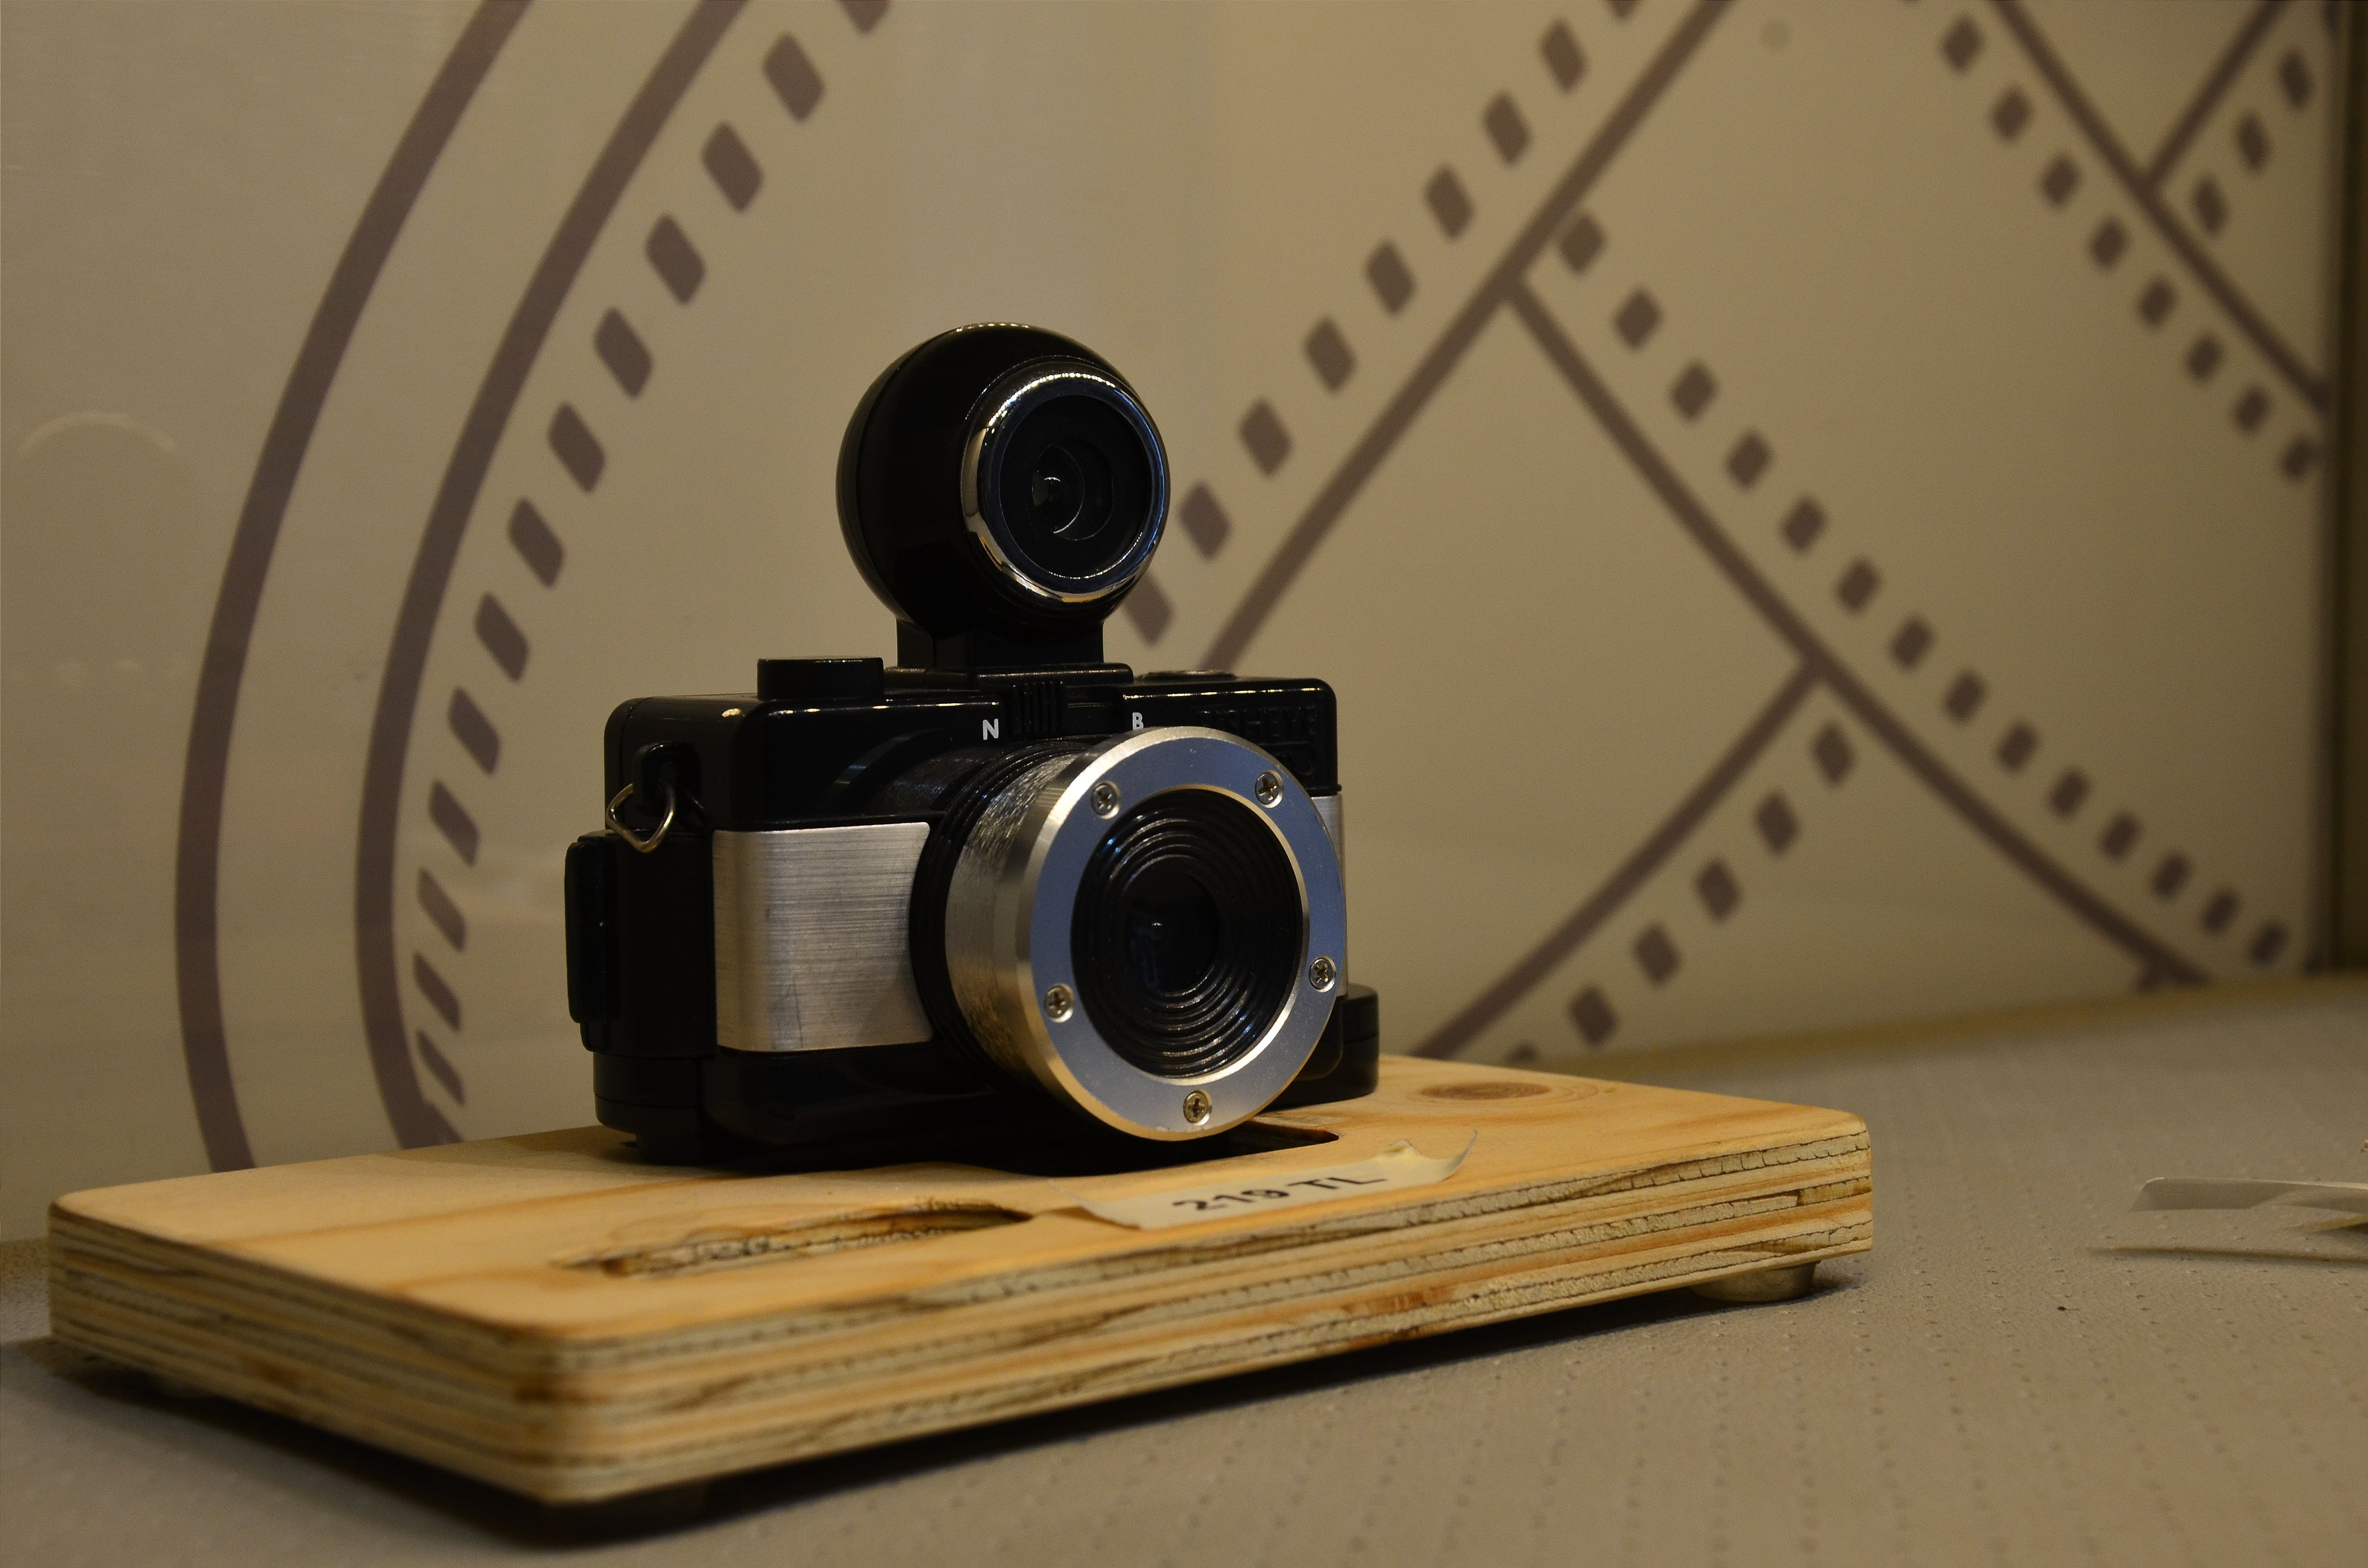 儀器, 光學, 原本, 古董 的 免費圖庫相片